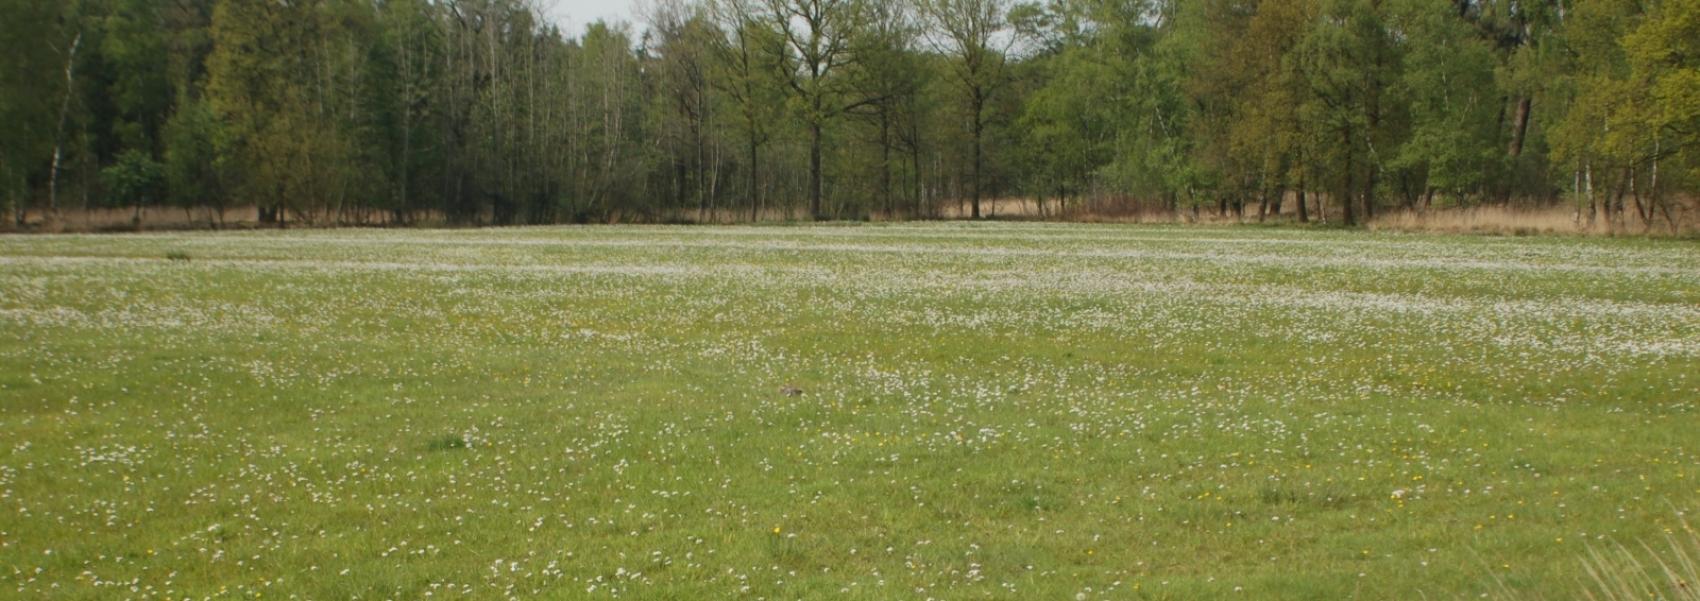 Graslandschap in Elsakker